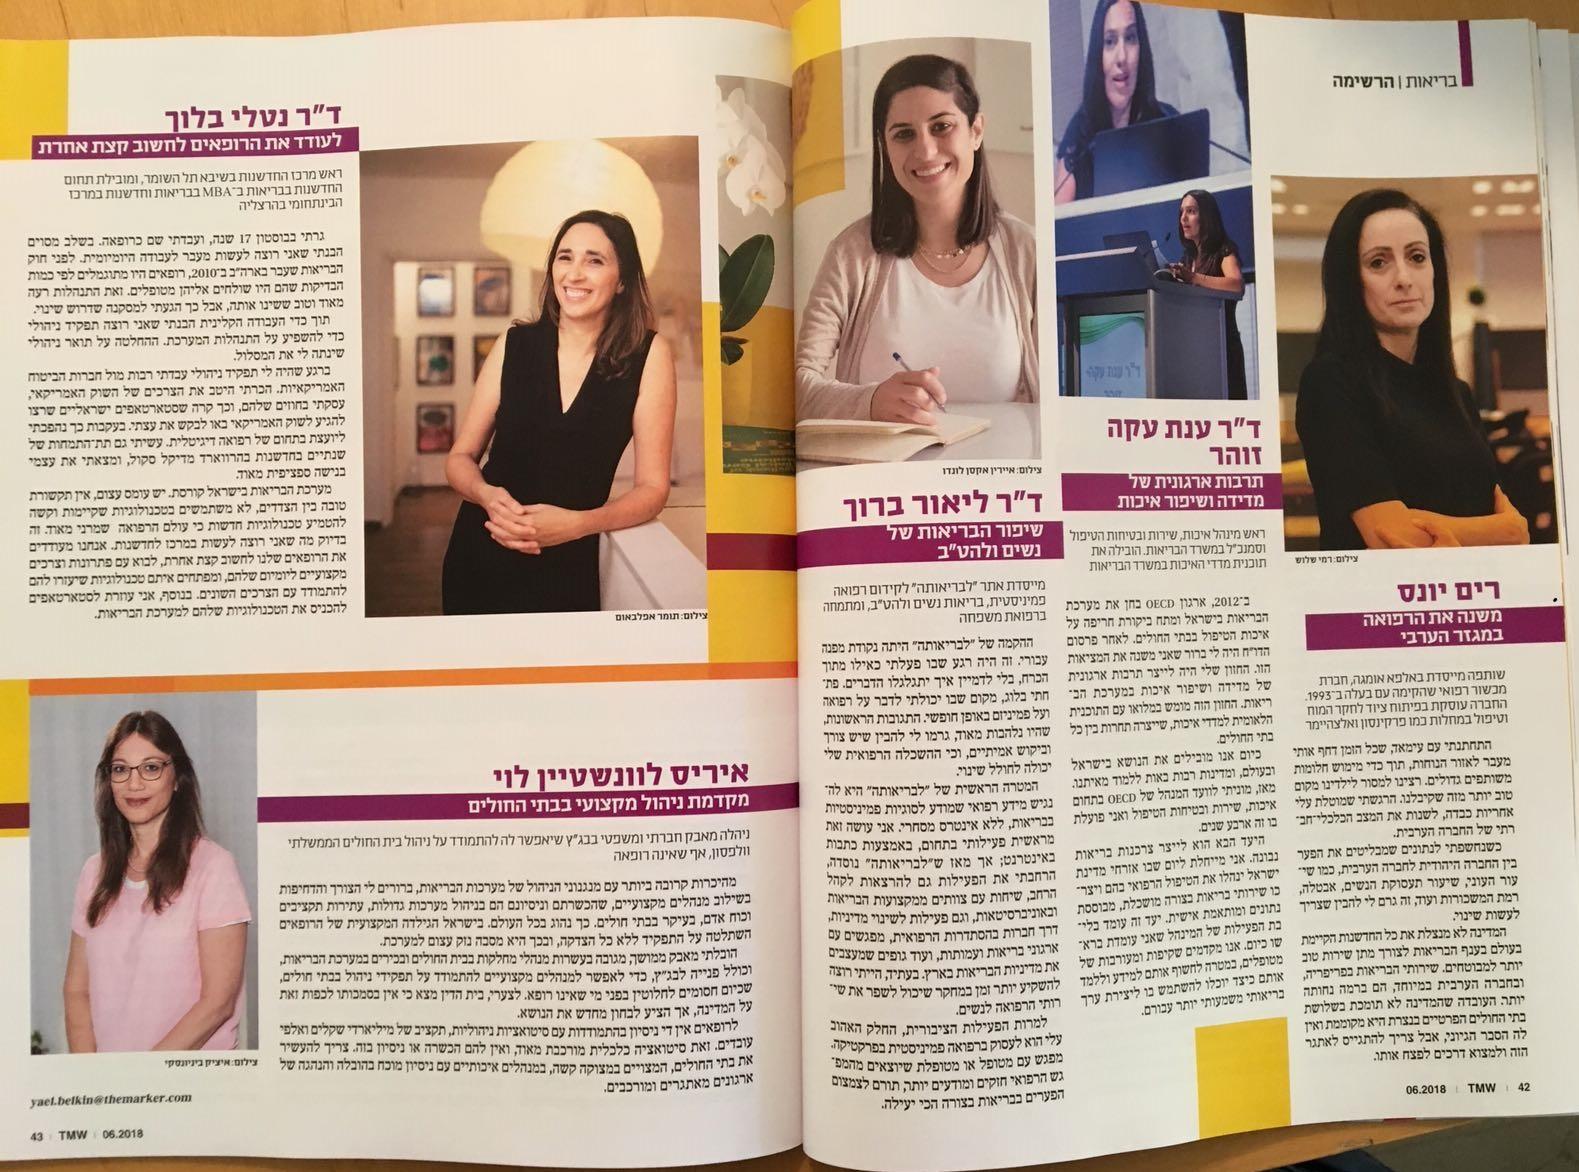 ג דה מרקר נשים 5.6.18 רשימת 20 הנשים המשפיעות בבריאות